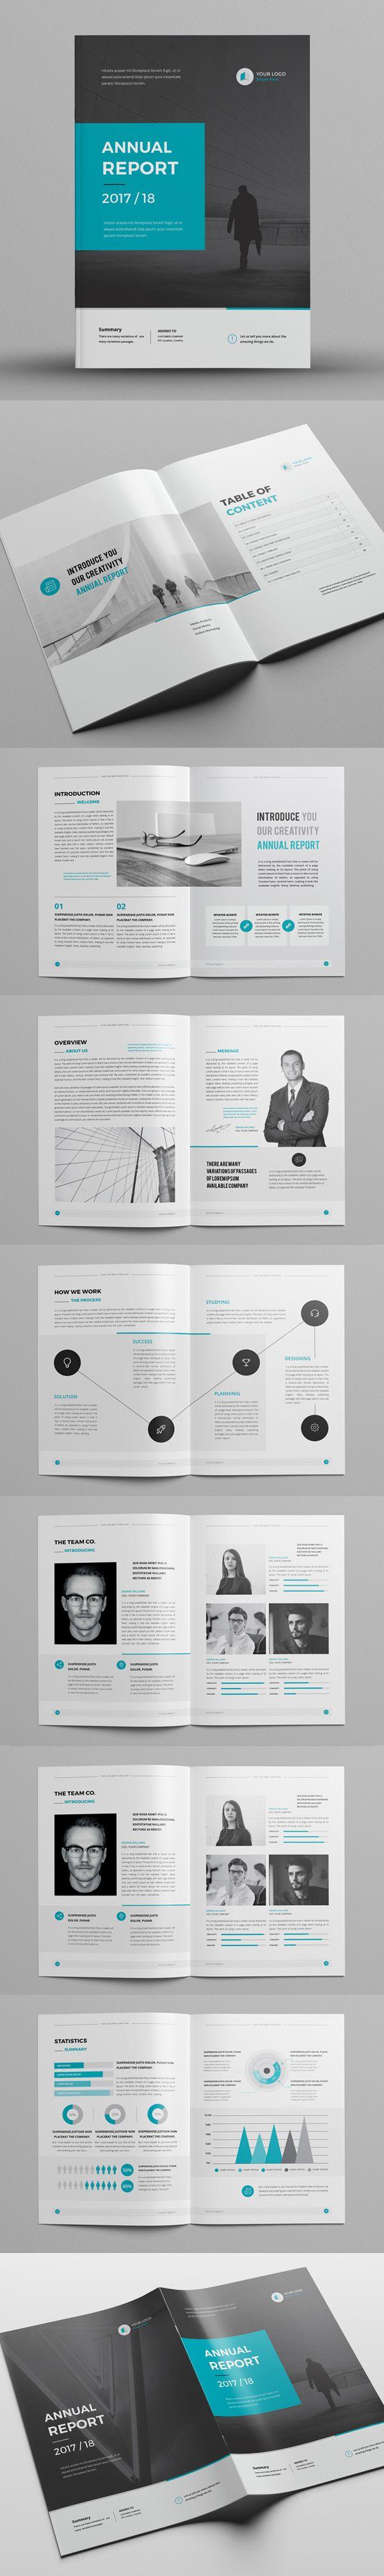 This InDesign Brochure Annual Report | megazine | Pinterest | Arte ...